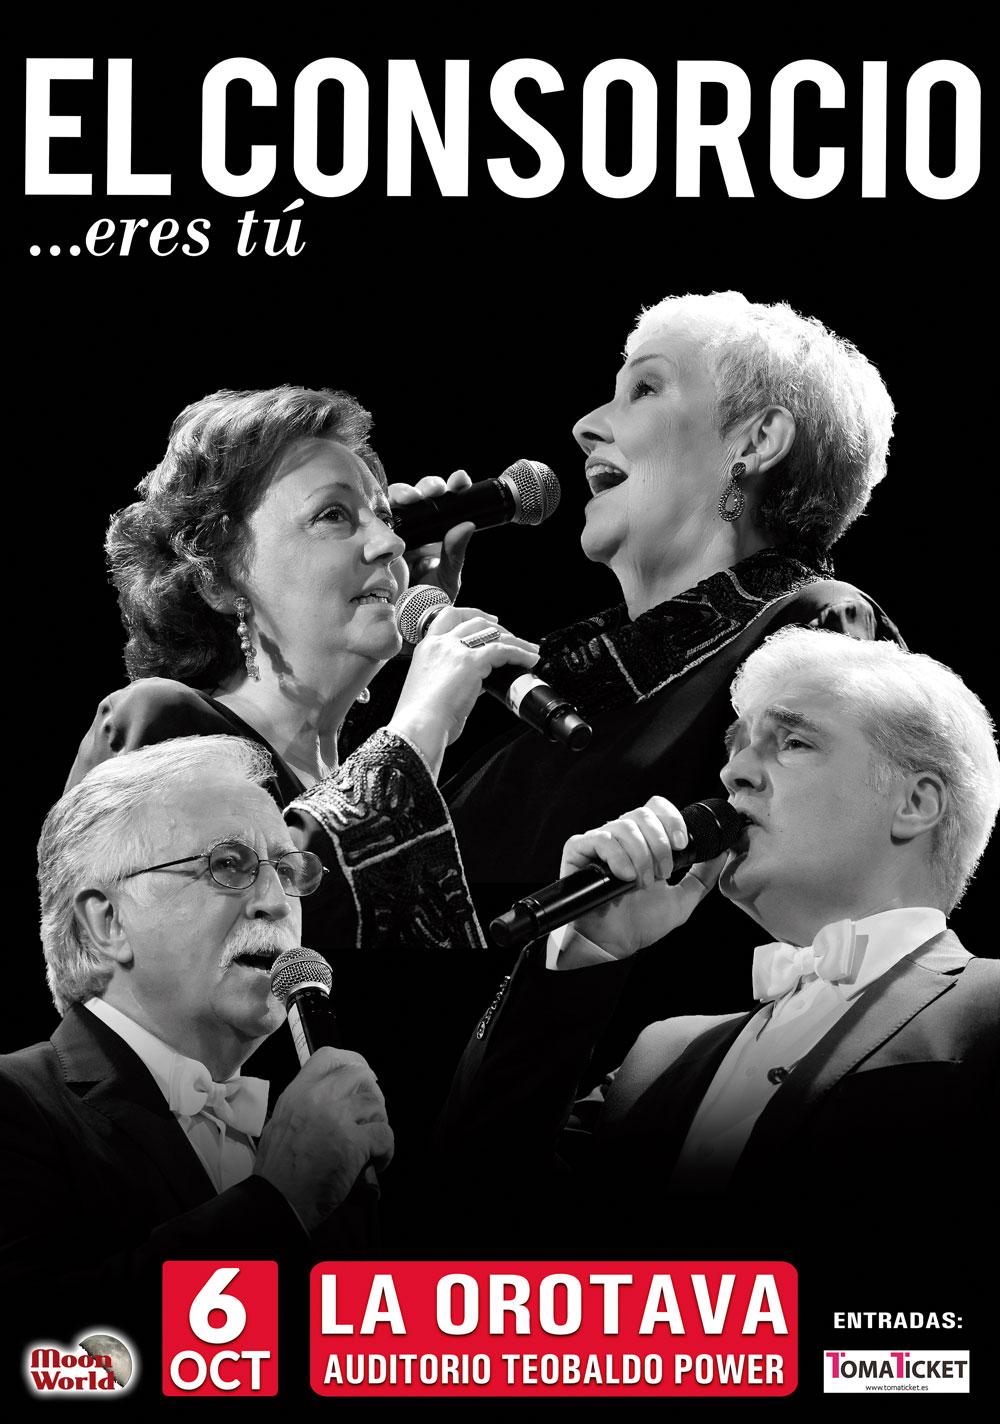 El Consorcio llega a La Orotava con su gira 'Eres tú?' de grandes éxitos